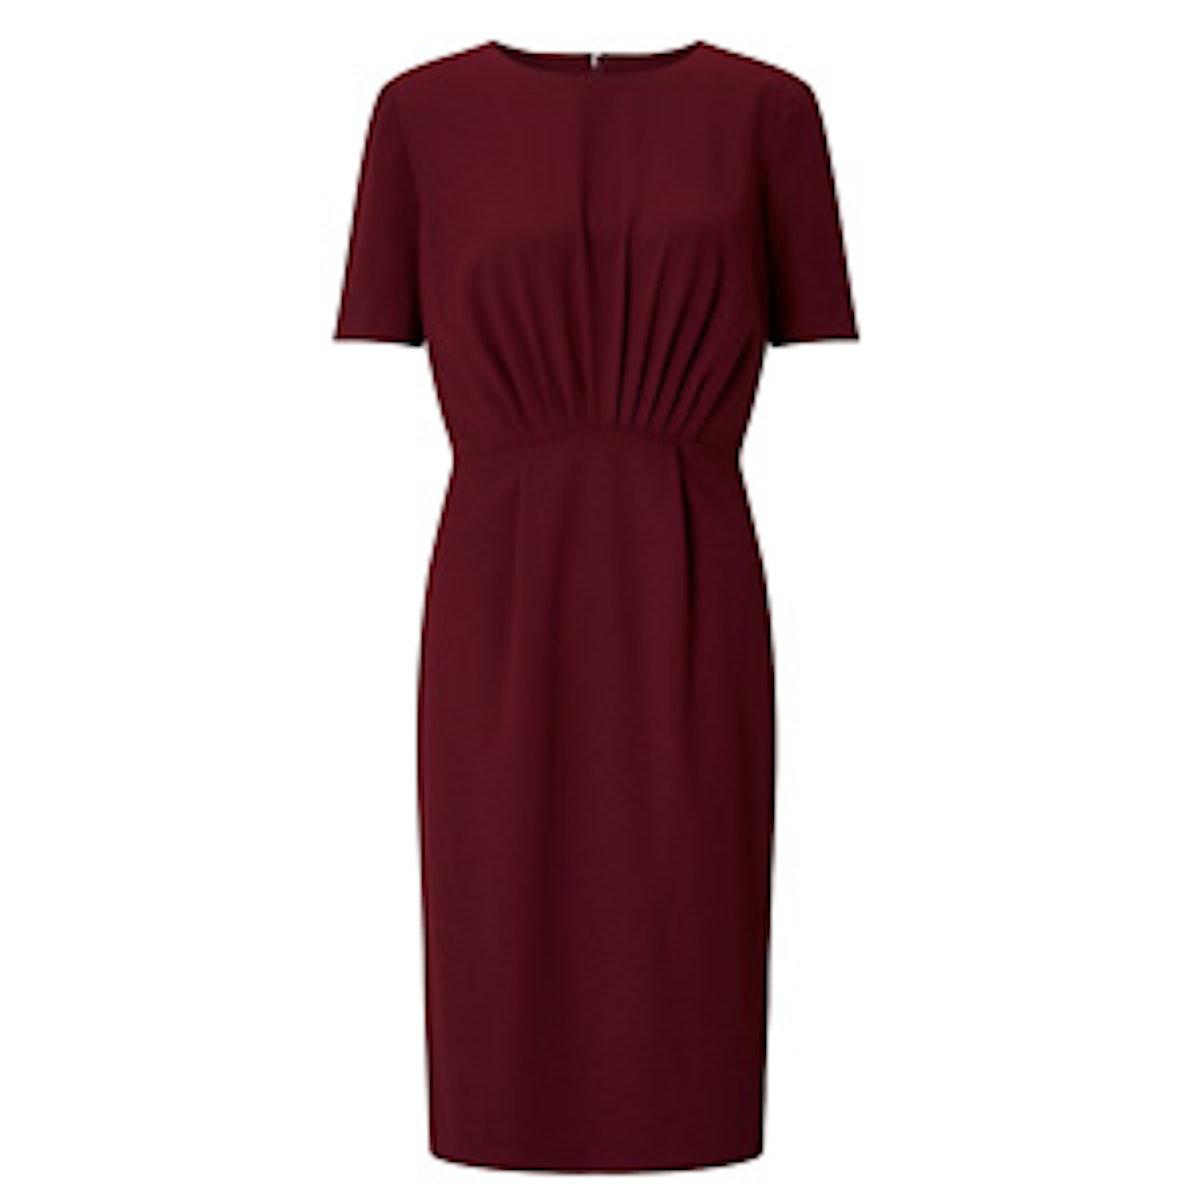 Audrey Front Pleat Dress